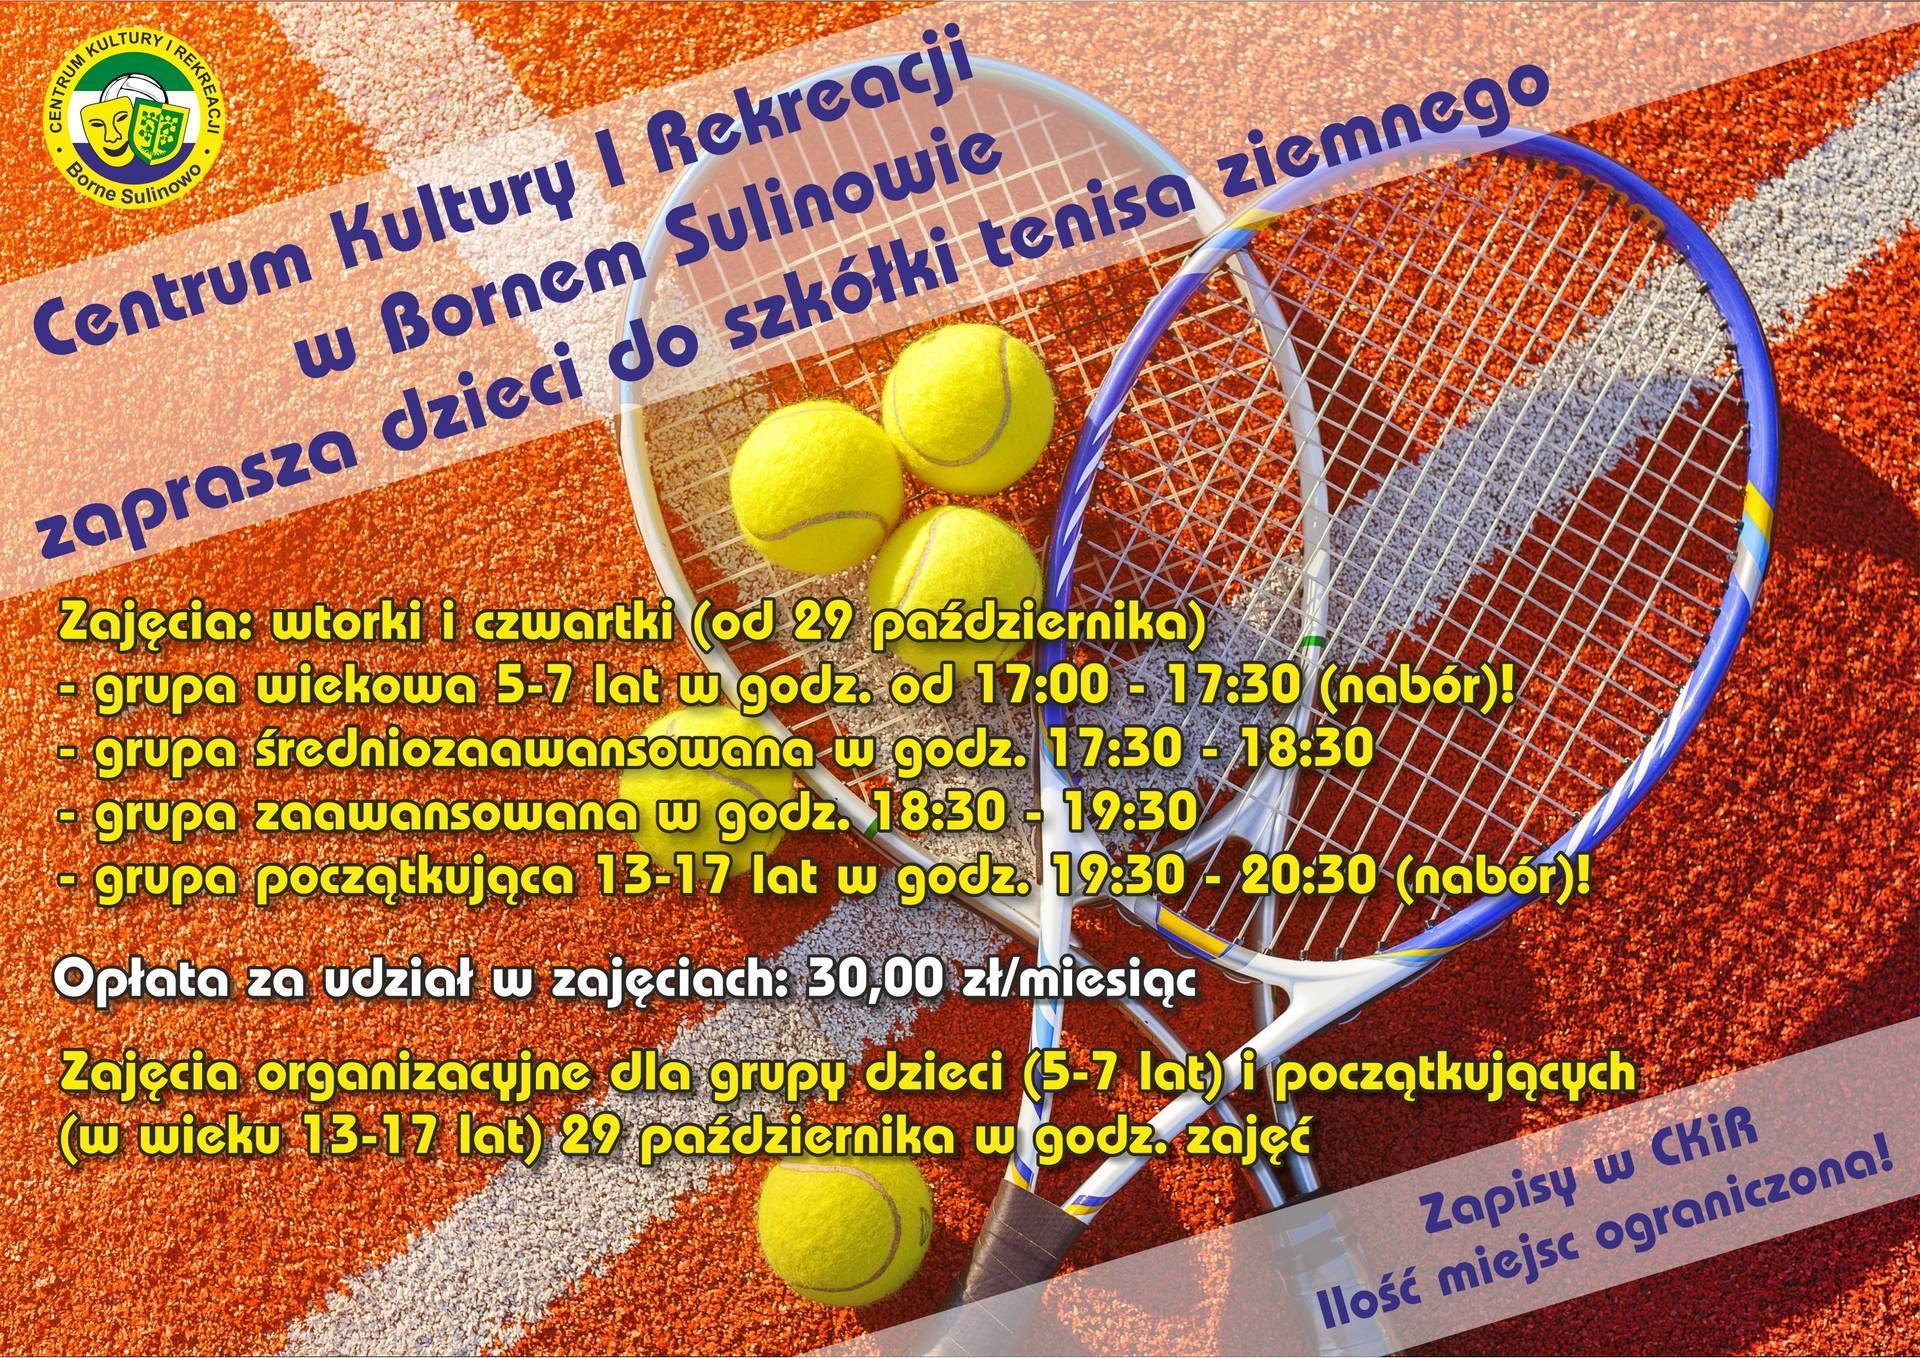 ckir-plakat-tenis-szkolka2019